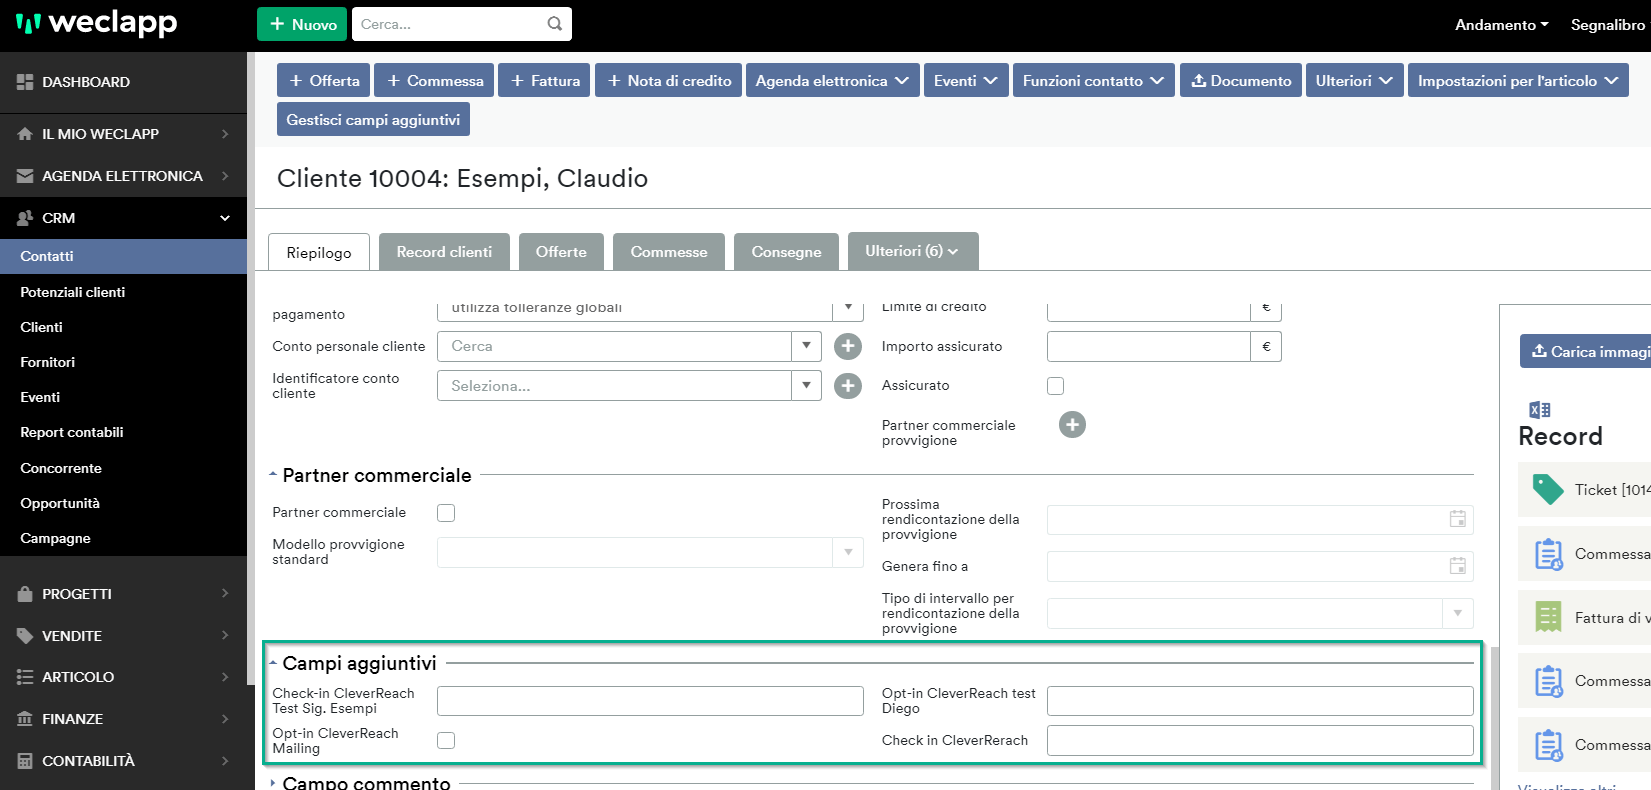 Liste nei contatti